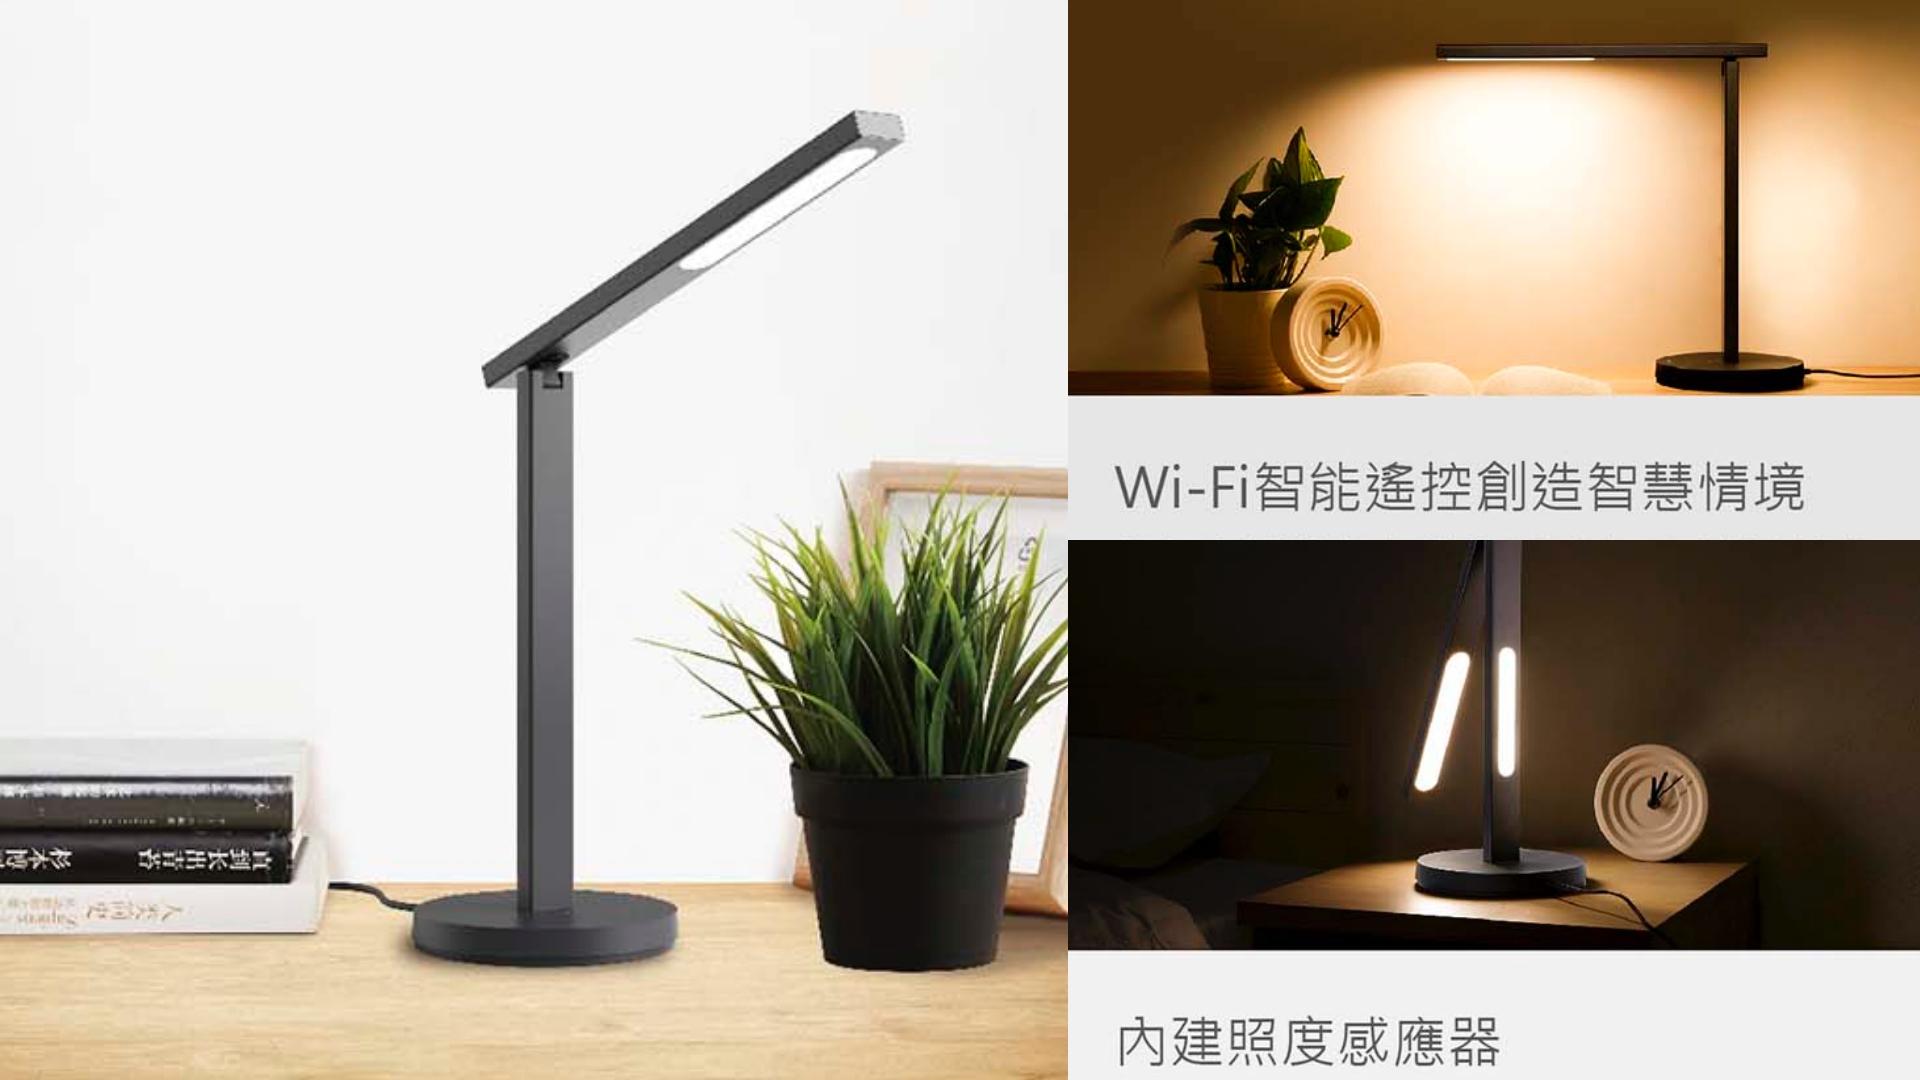 智慧檯燈有內建照度感應器,可以依照環境的光源自動調整明亮,搭配專門的APP就可以WIFI遙控,雙光源專利設計、高品質閱讀保護眼睛